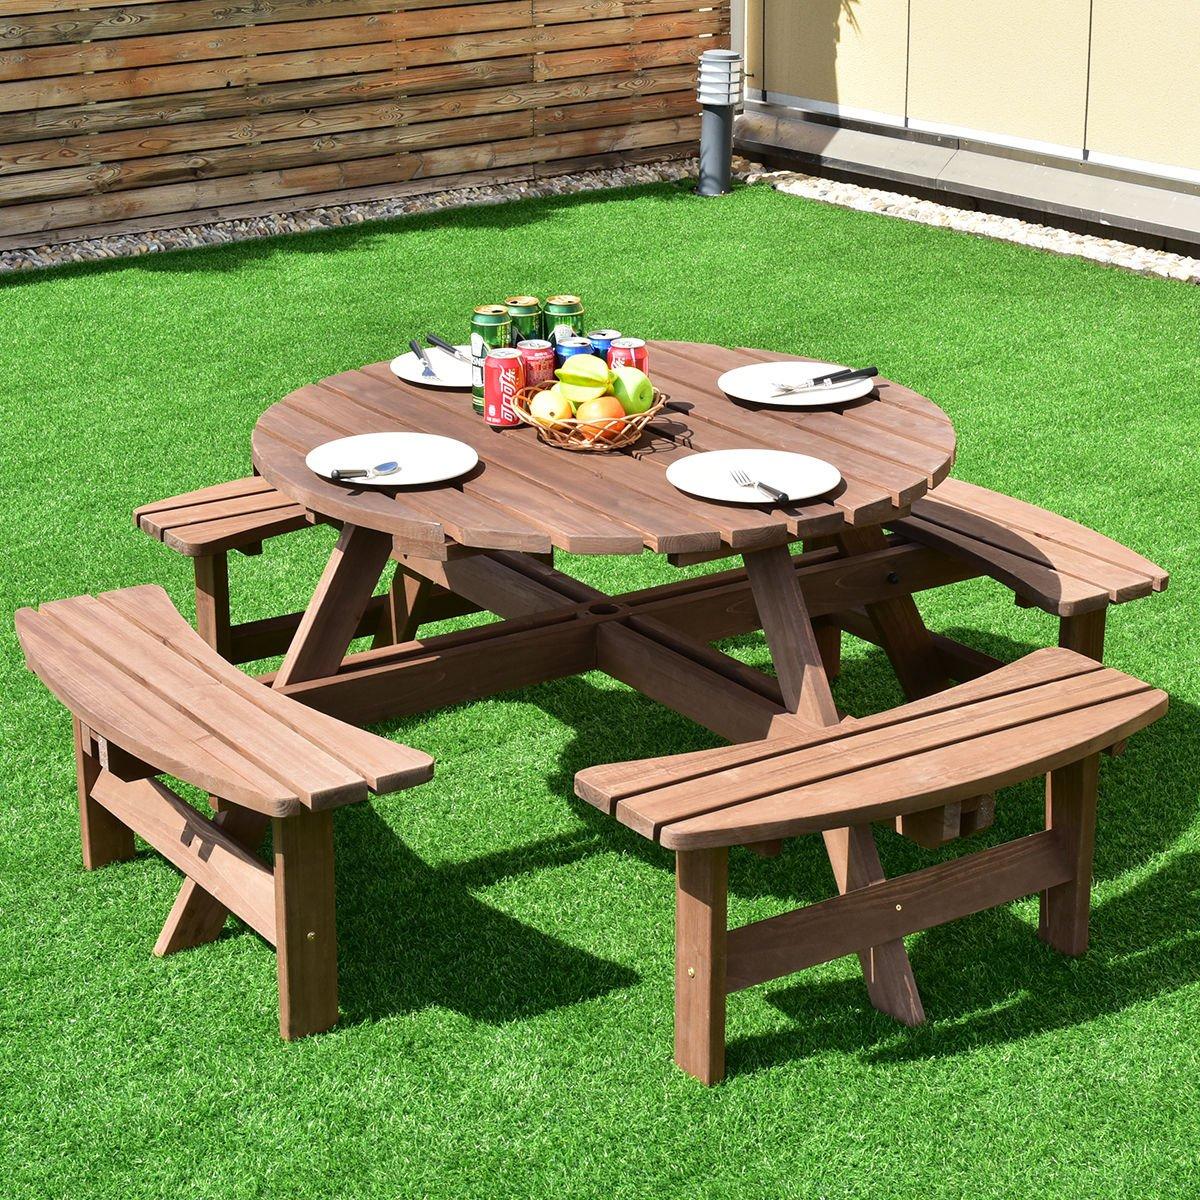 Amazon.com: Giantex - Juego de mesa de picnic redonda para 6 ...